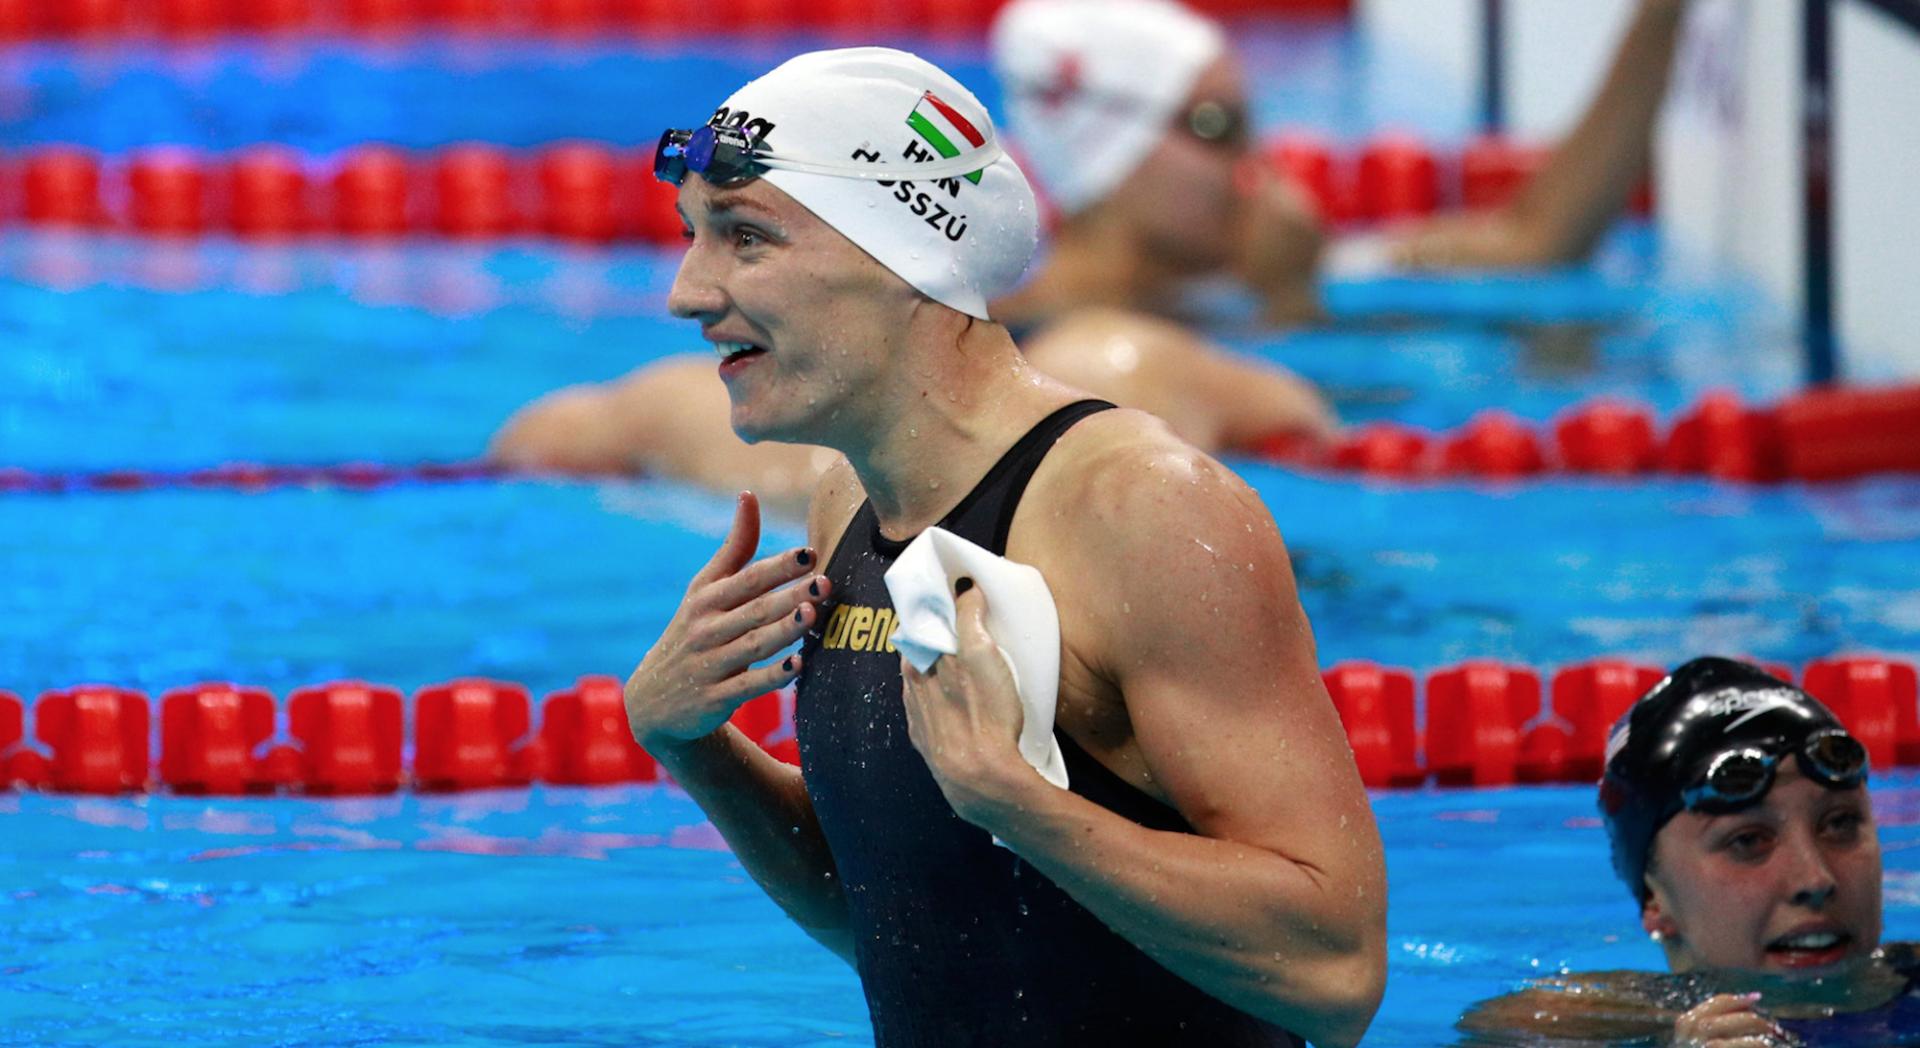 Pourquoi certains nageurs portent 2 bonnets de bain?